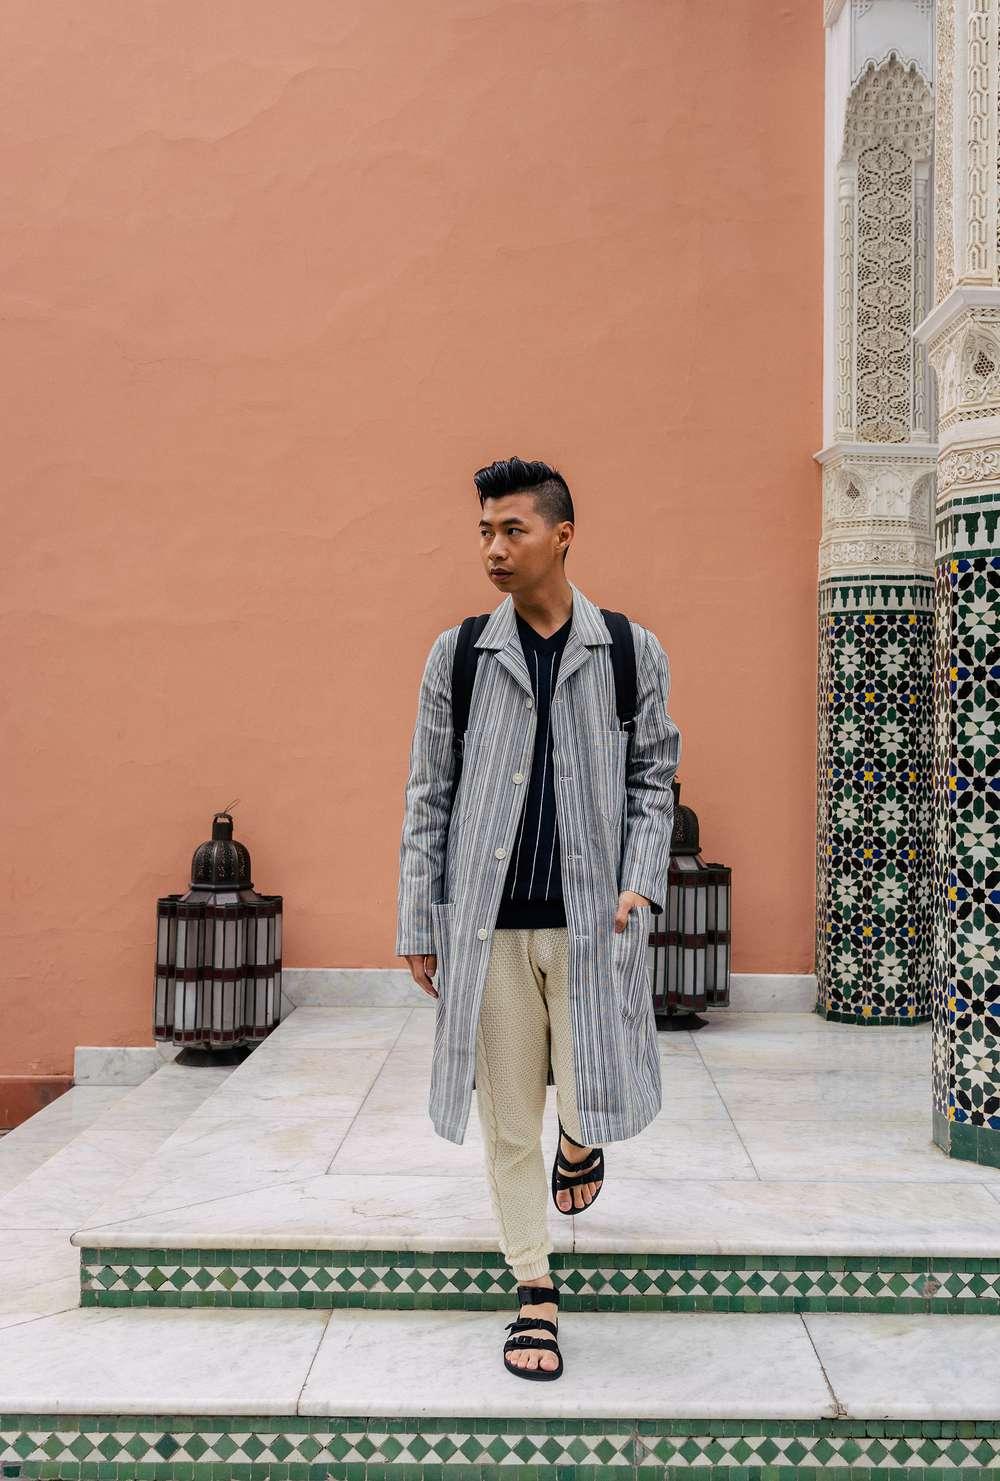 Tommy Lei wearing long jacket in Morocco